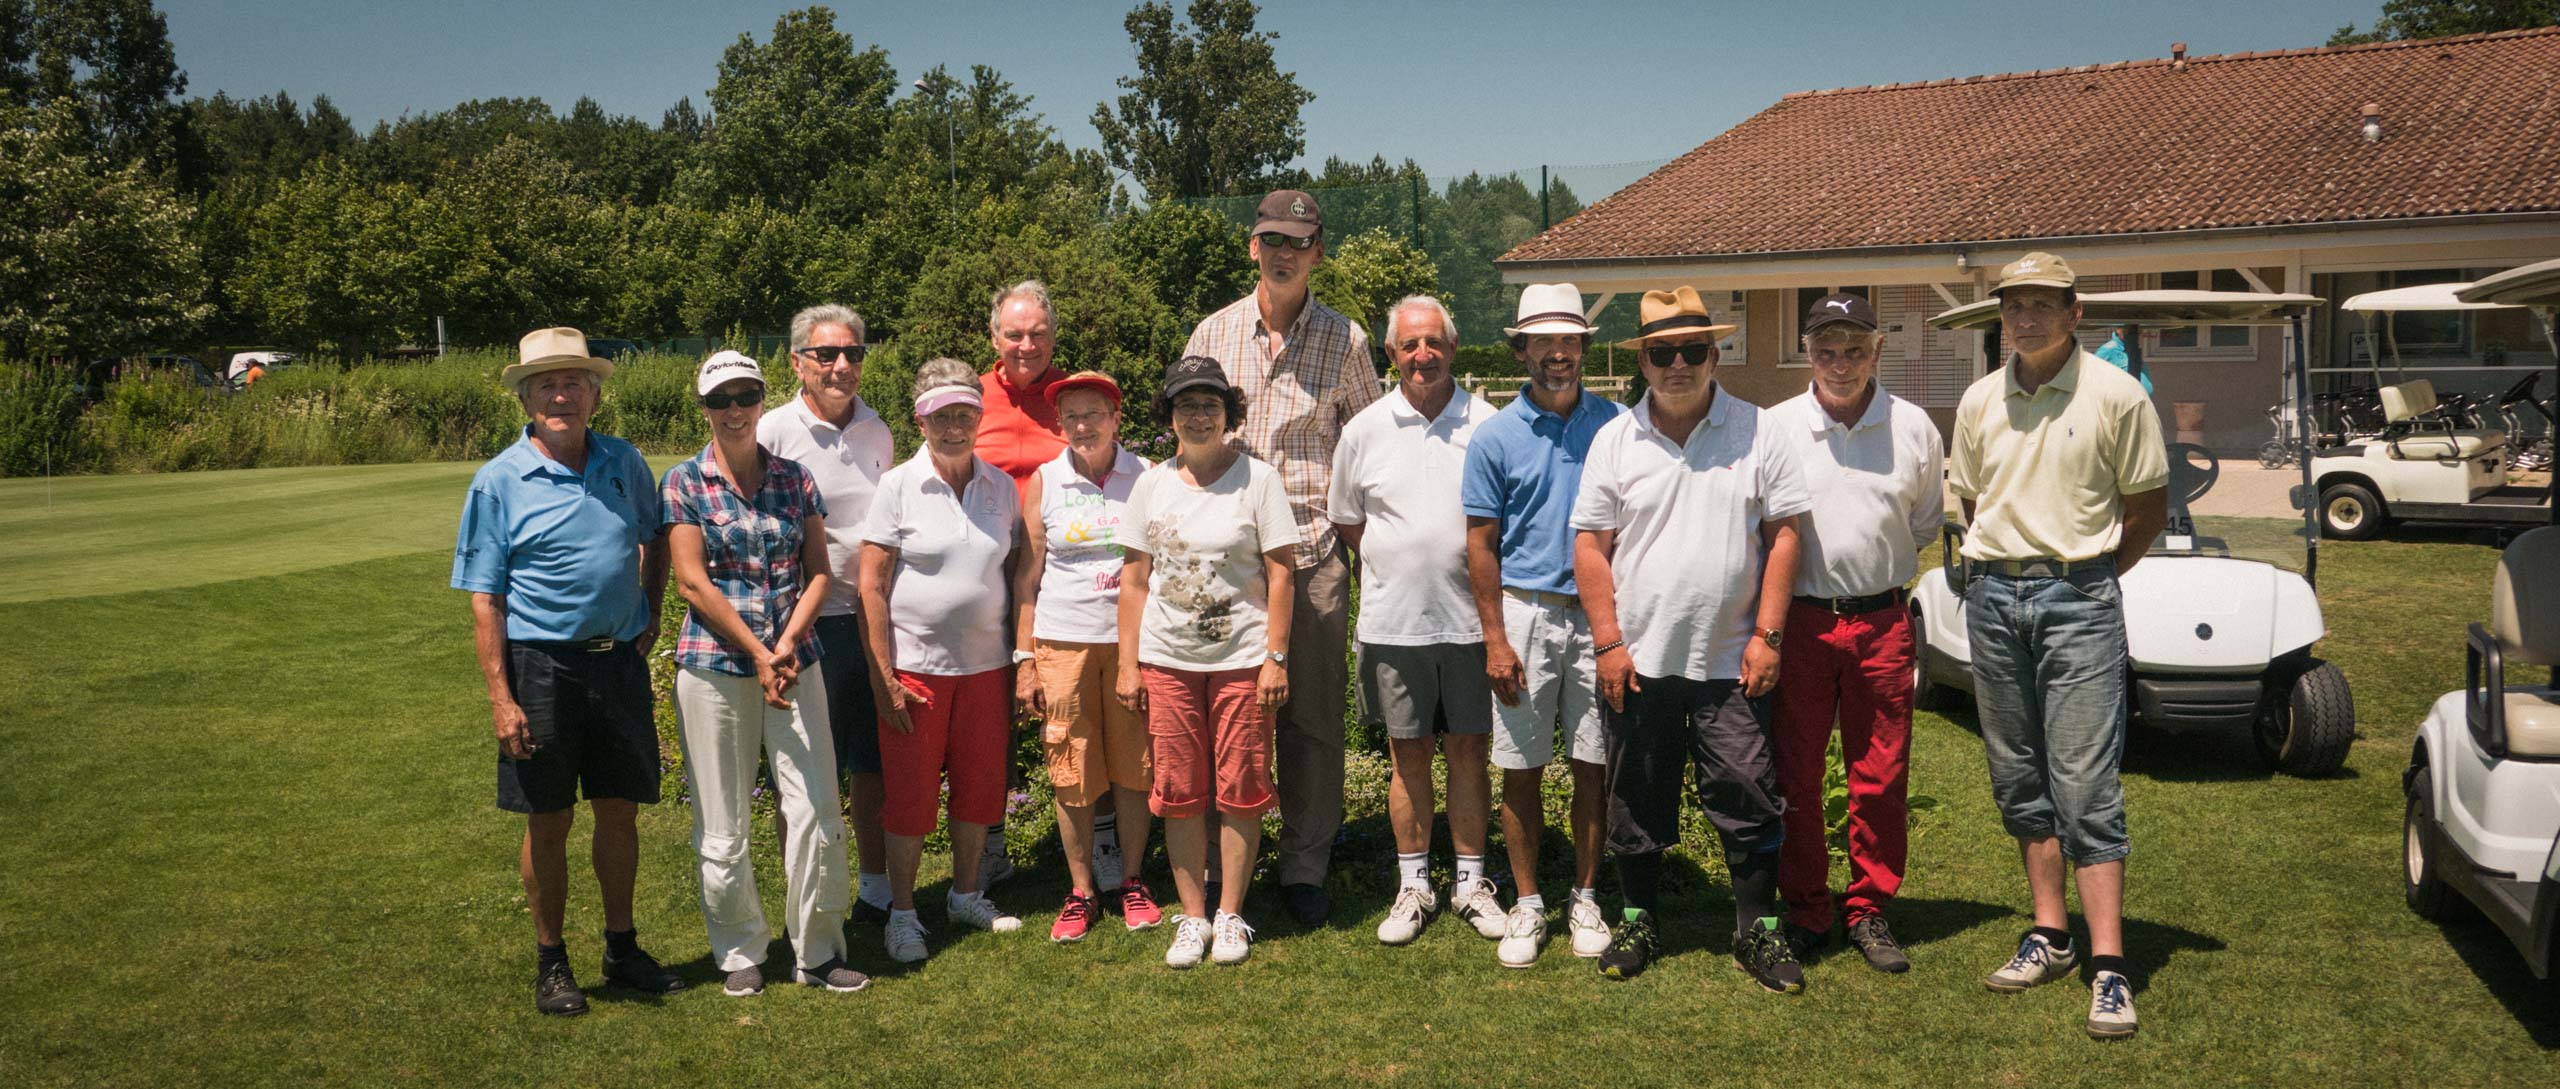 Handigolf Golf du Forez 2017 12